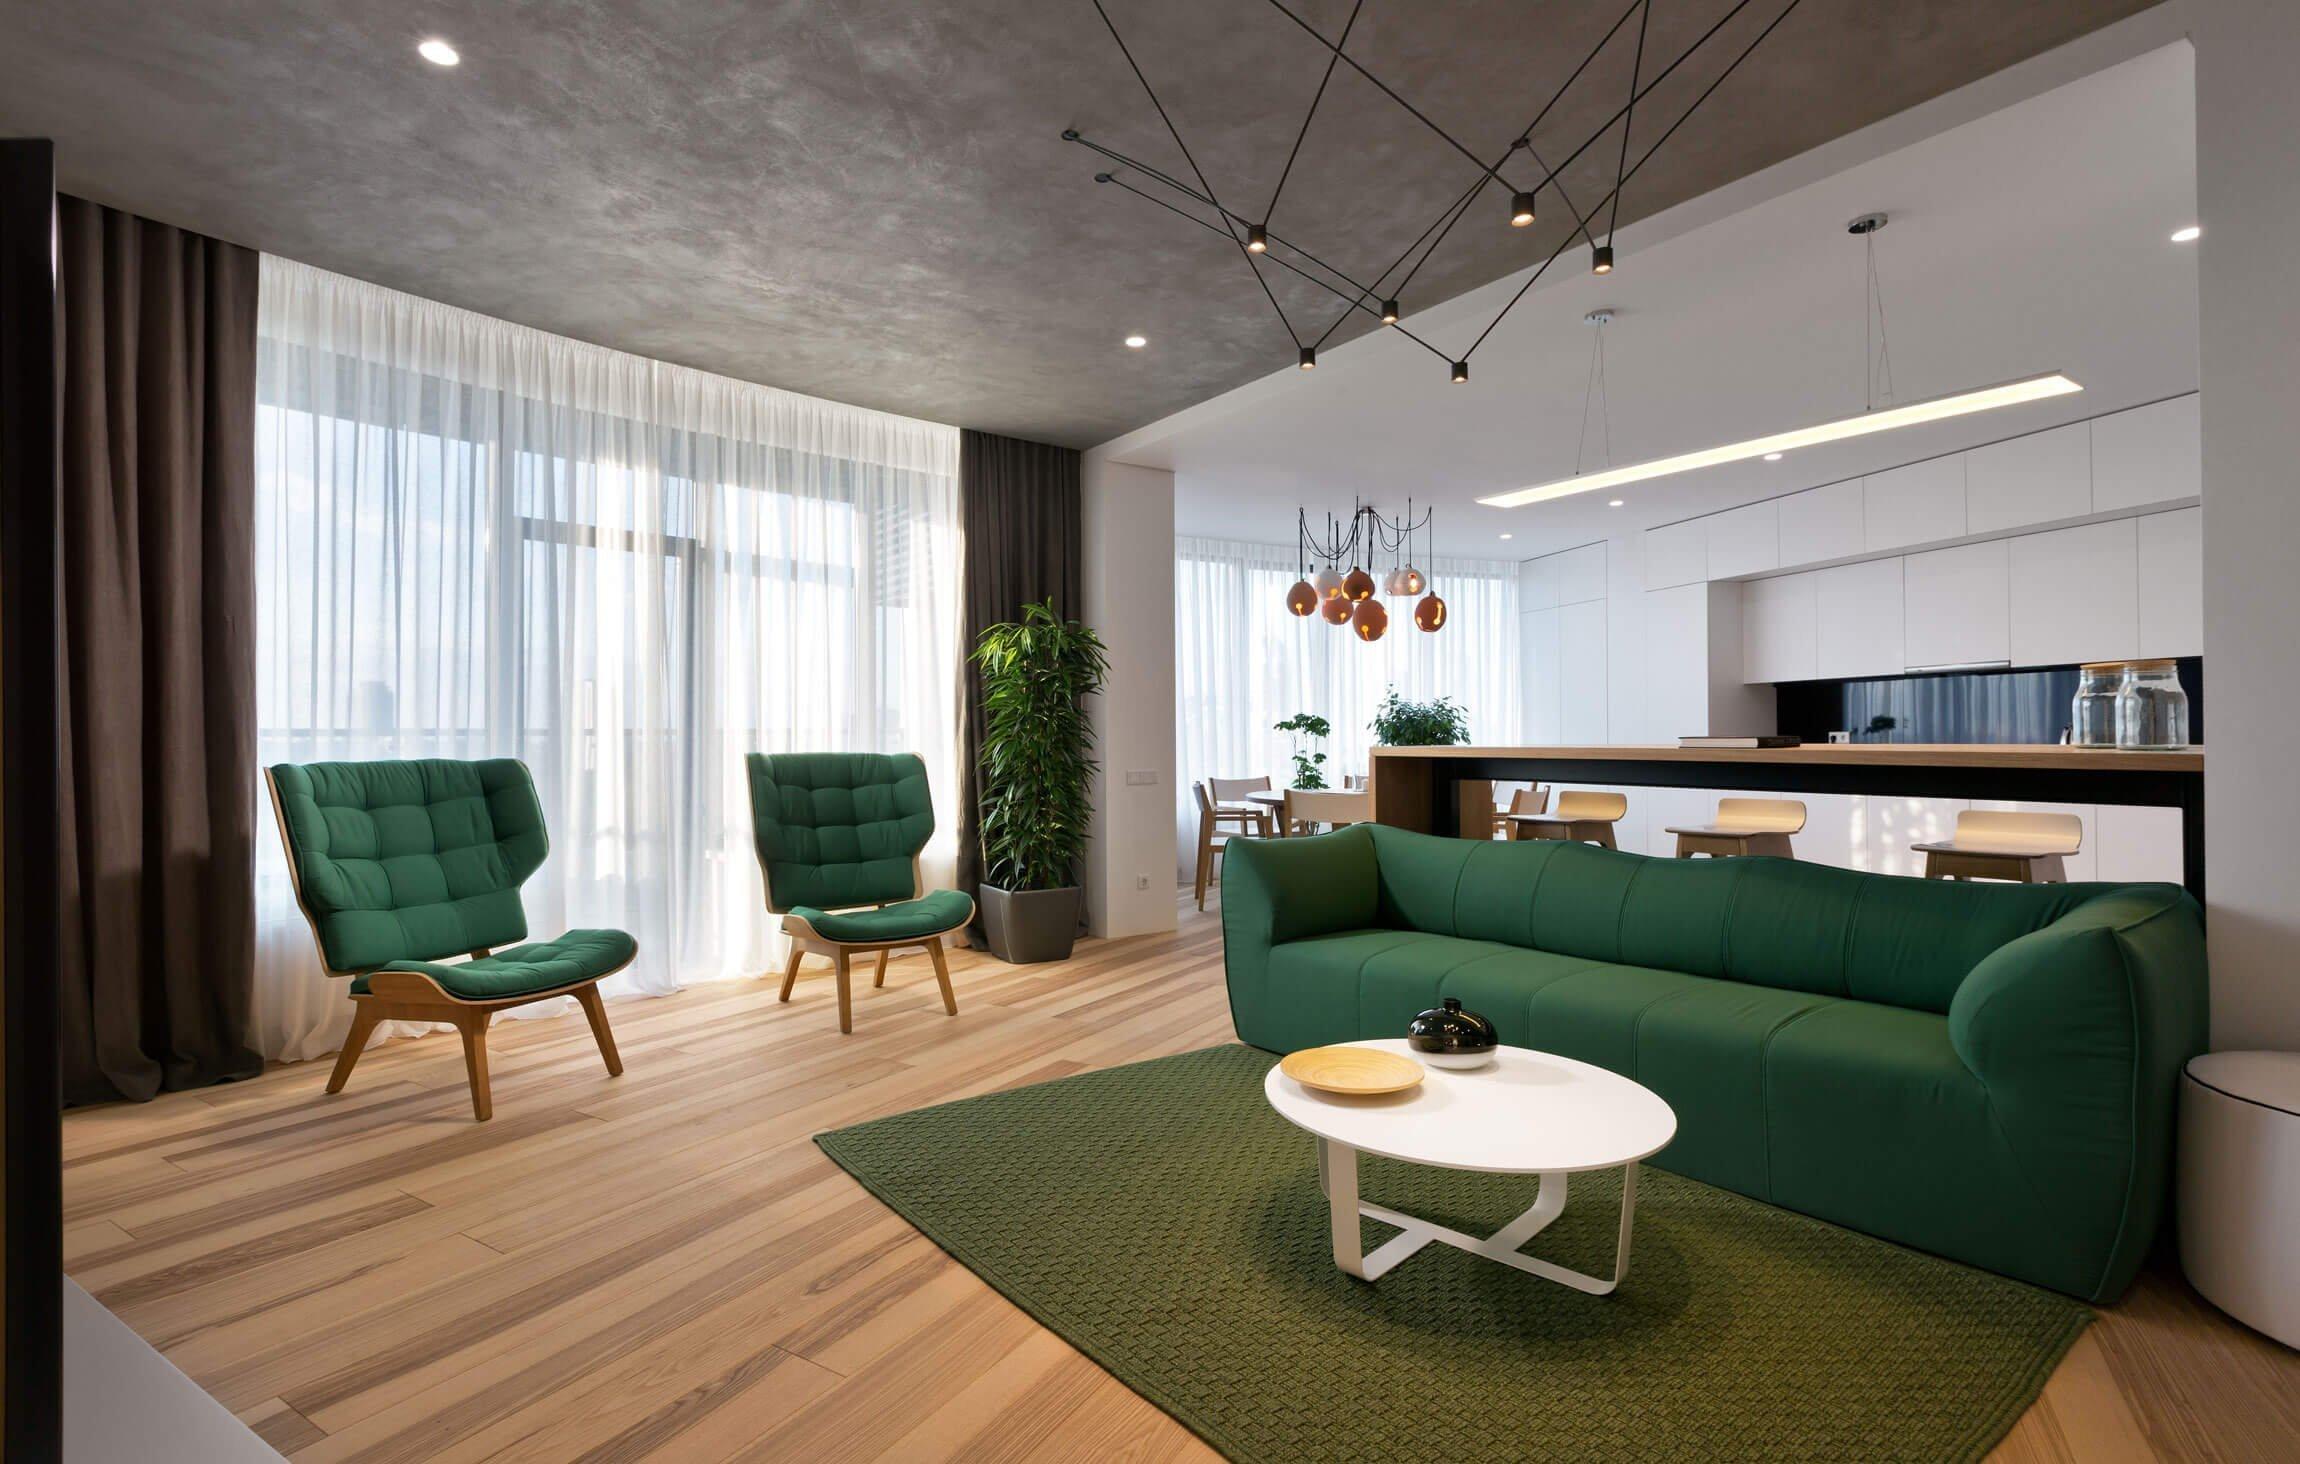 Byt oslavující retro a zelenou barvu vznikl v Kyjevě. V kombinaci s hojně využitým dřevem, velkými okny a zajímavě řešeným umělým osvětlením působí velice příjemným a vzdušným dojmem. Navíc je tím pravým ořechovým pro všechny milovníky minimalismu.